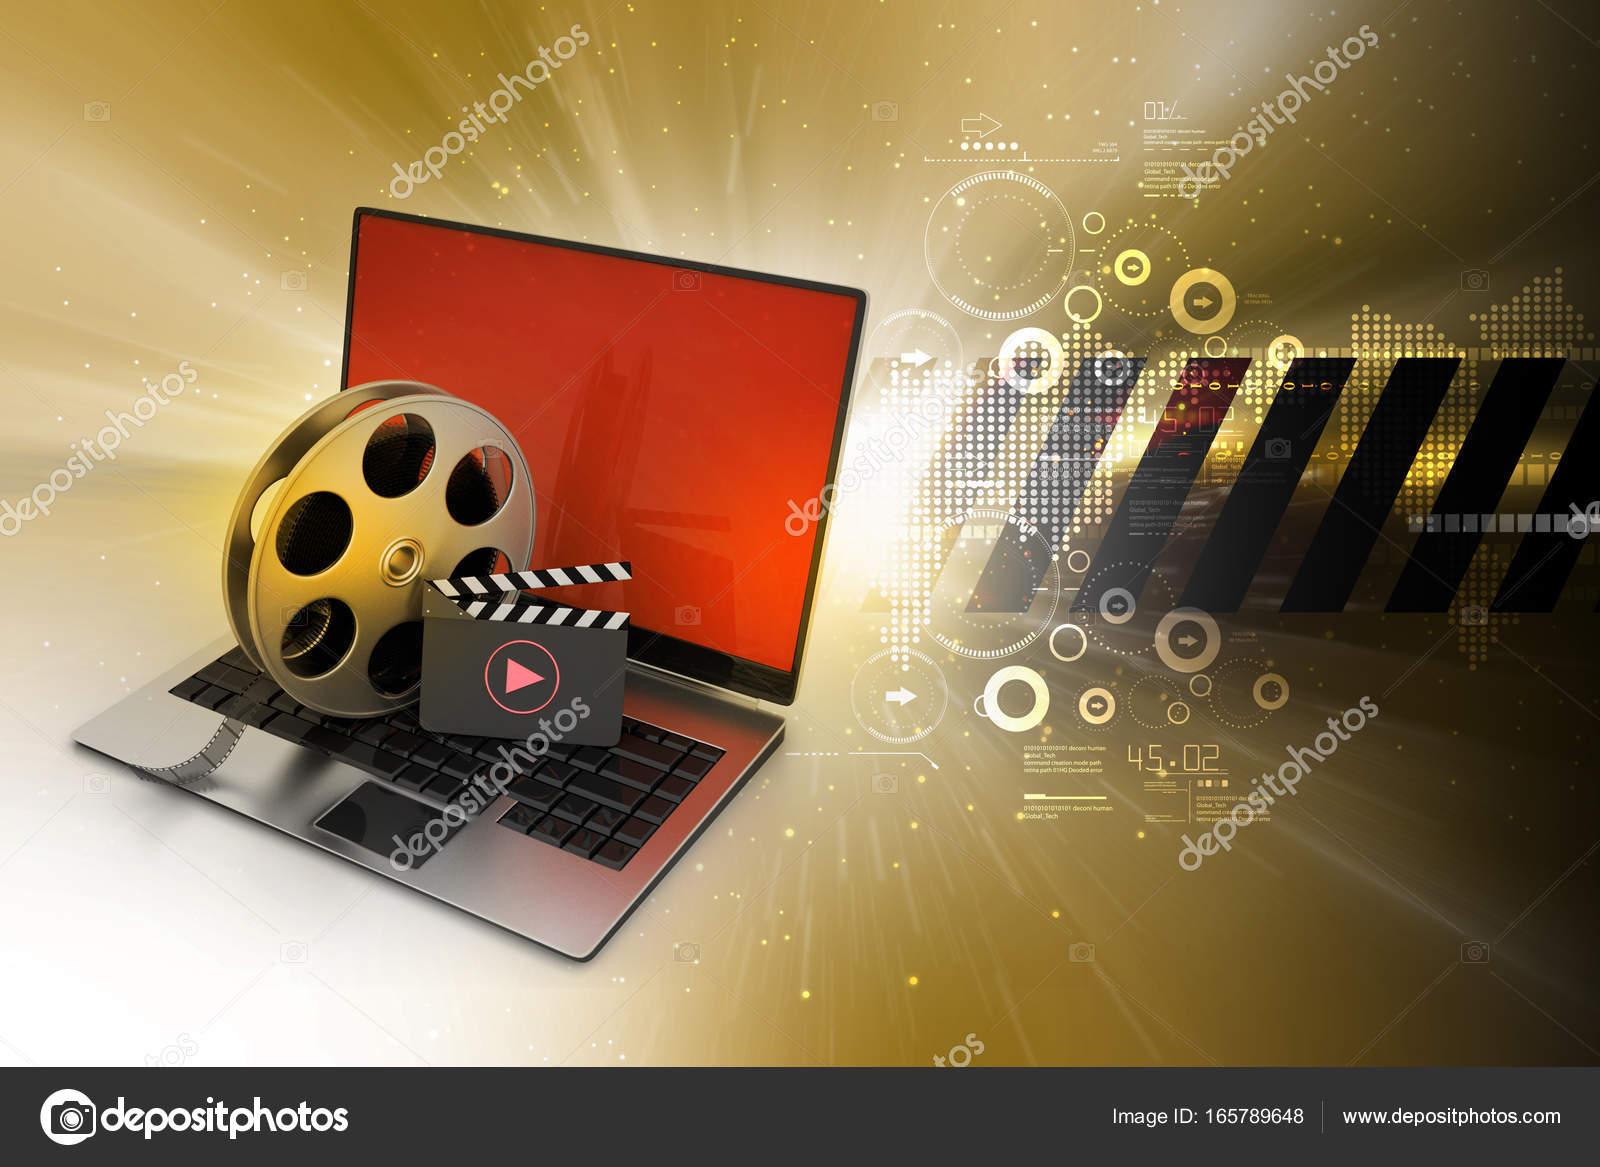 3d Darstellung Der Laptop Mit Haspel Rad Und Donnerschlag An Bord In